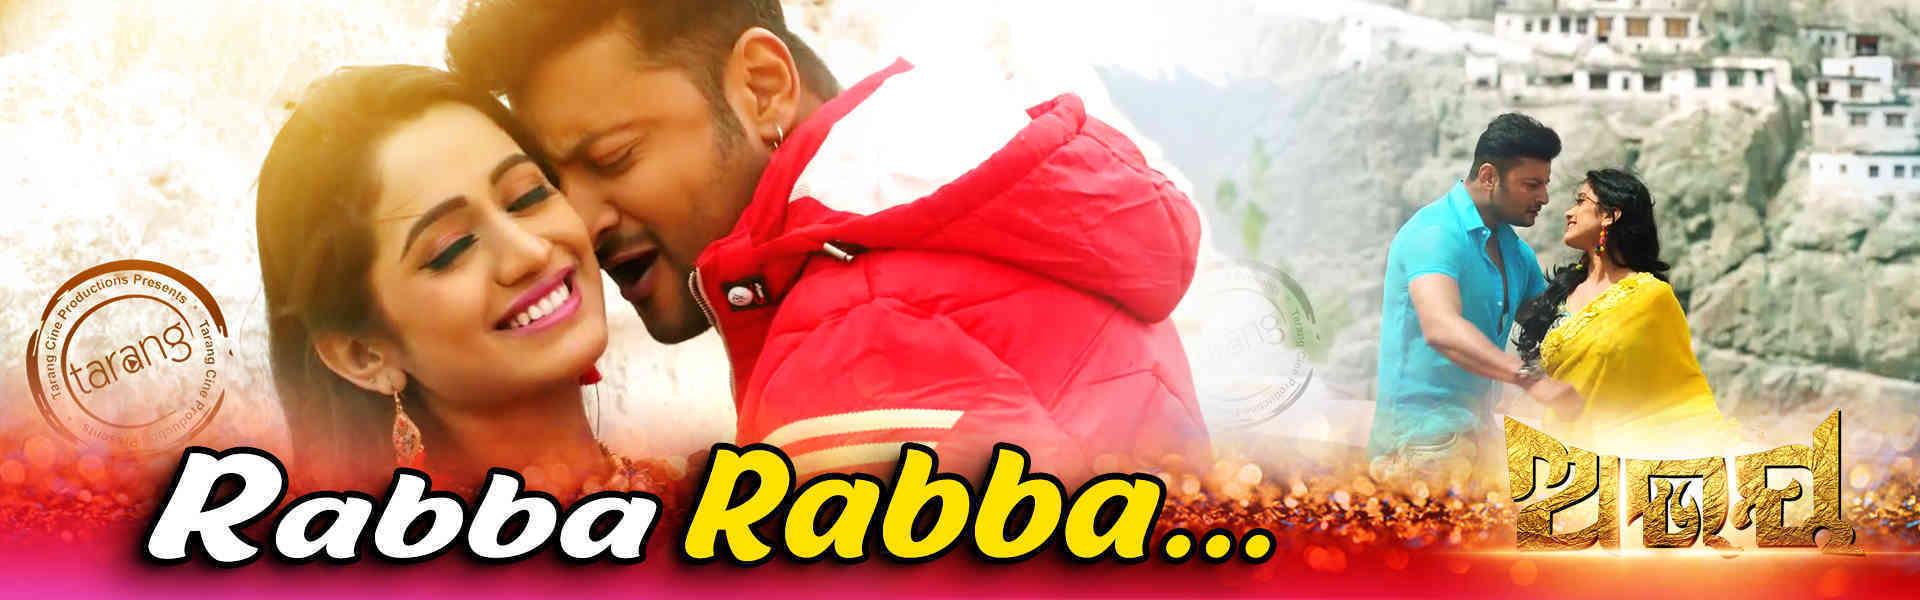 RabbaRabba